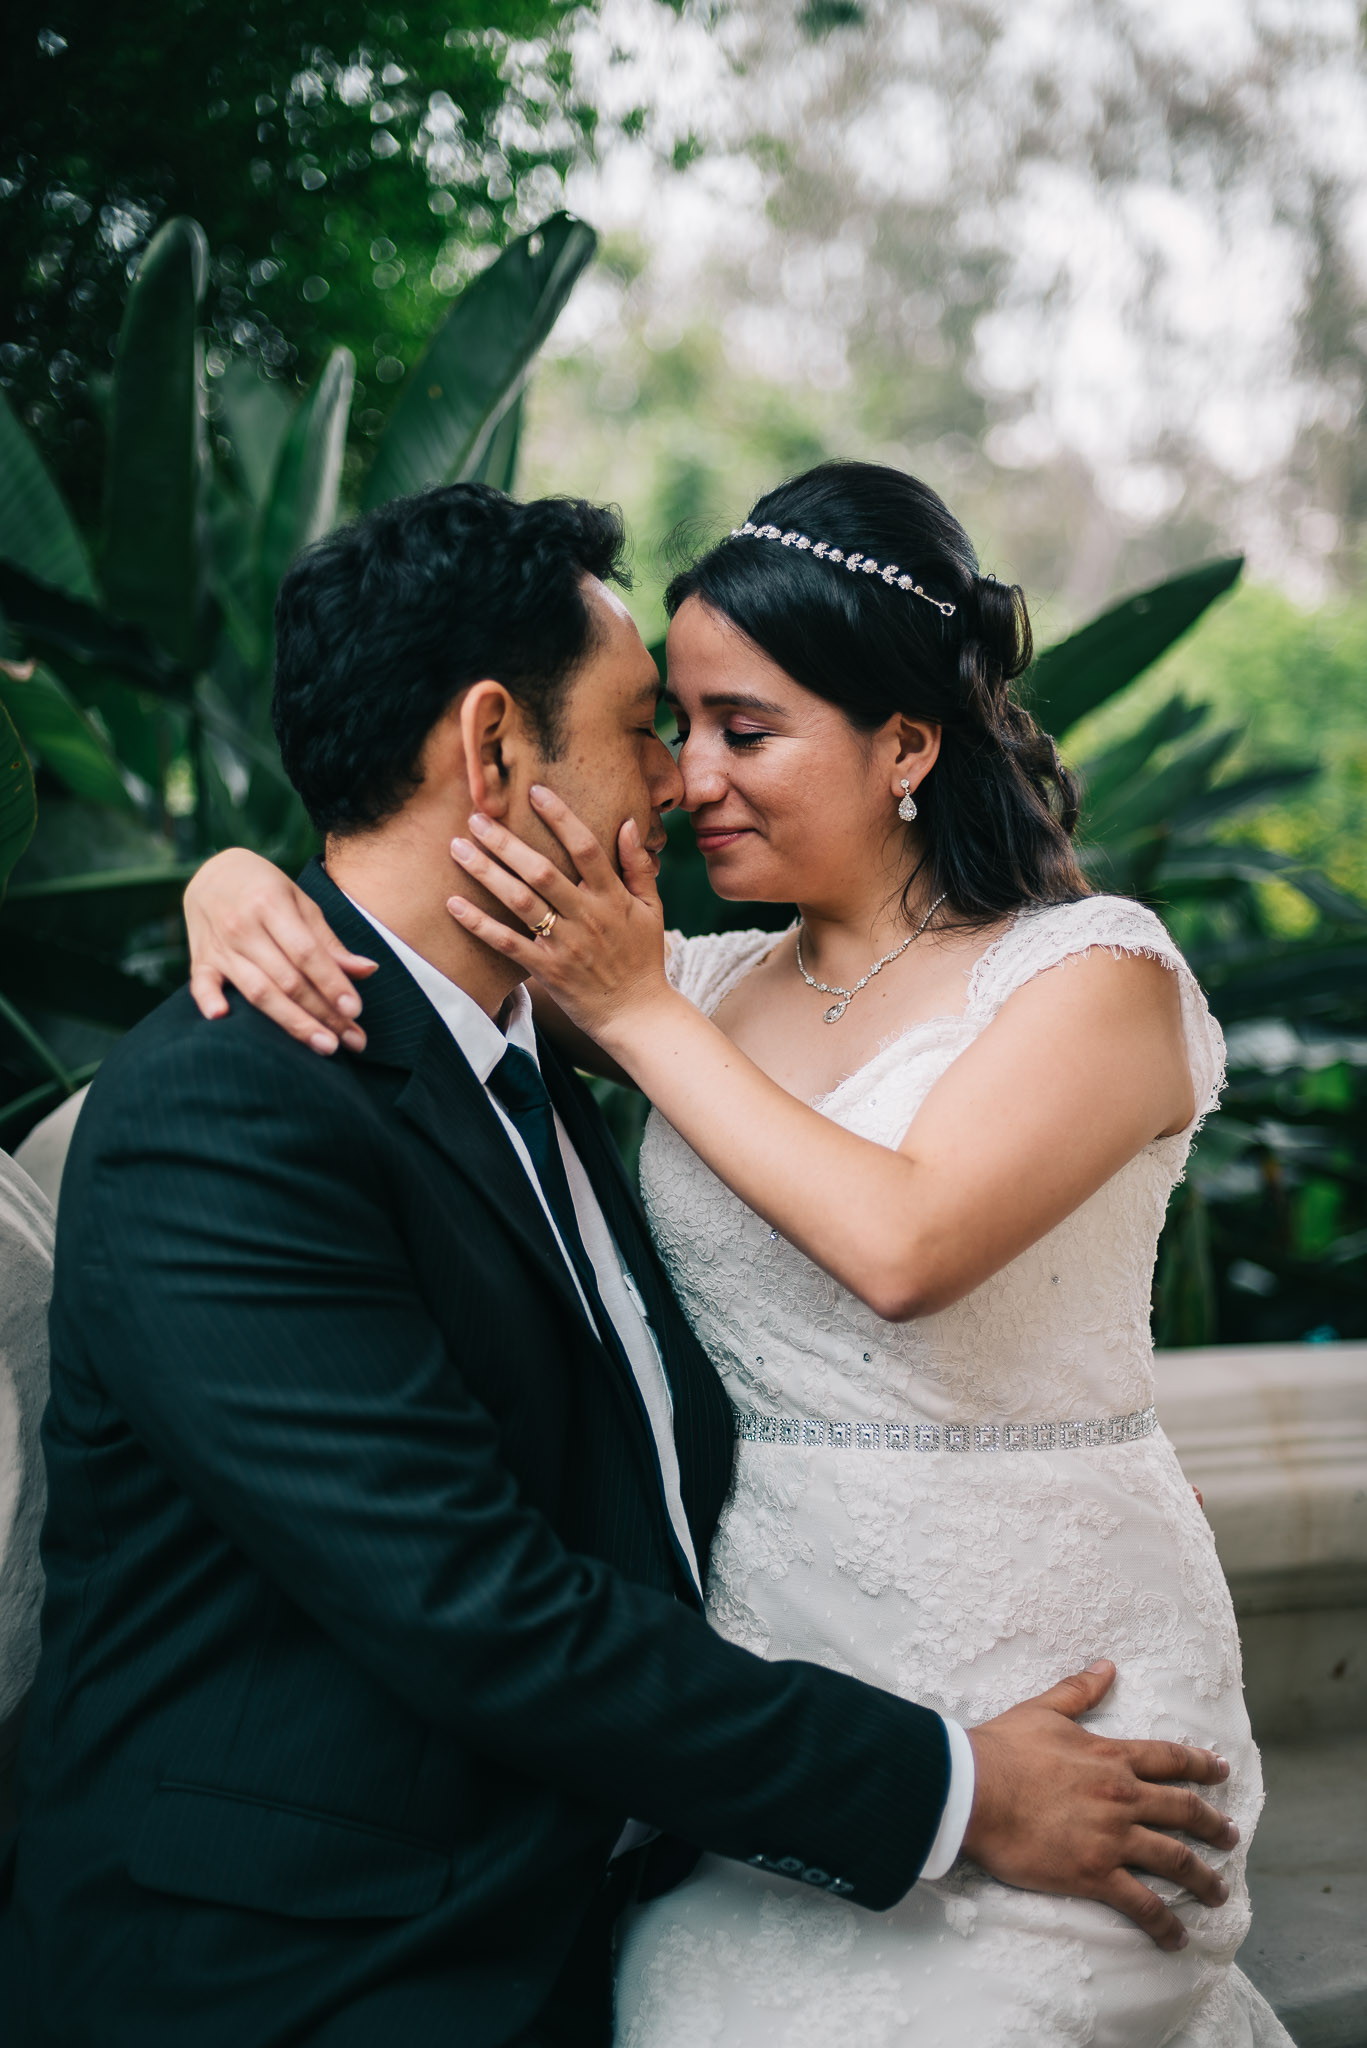 Wedding-Sesión-Guillermo_y_karen-Hotel_Hilton-bodas-juan-salazar-fotografo-Guatemala-fotografo_de_bodas